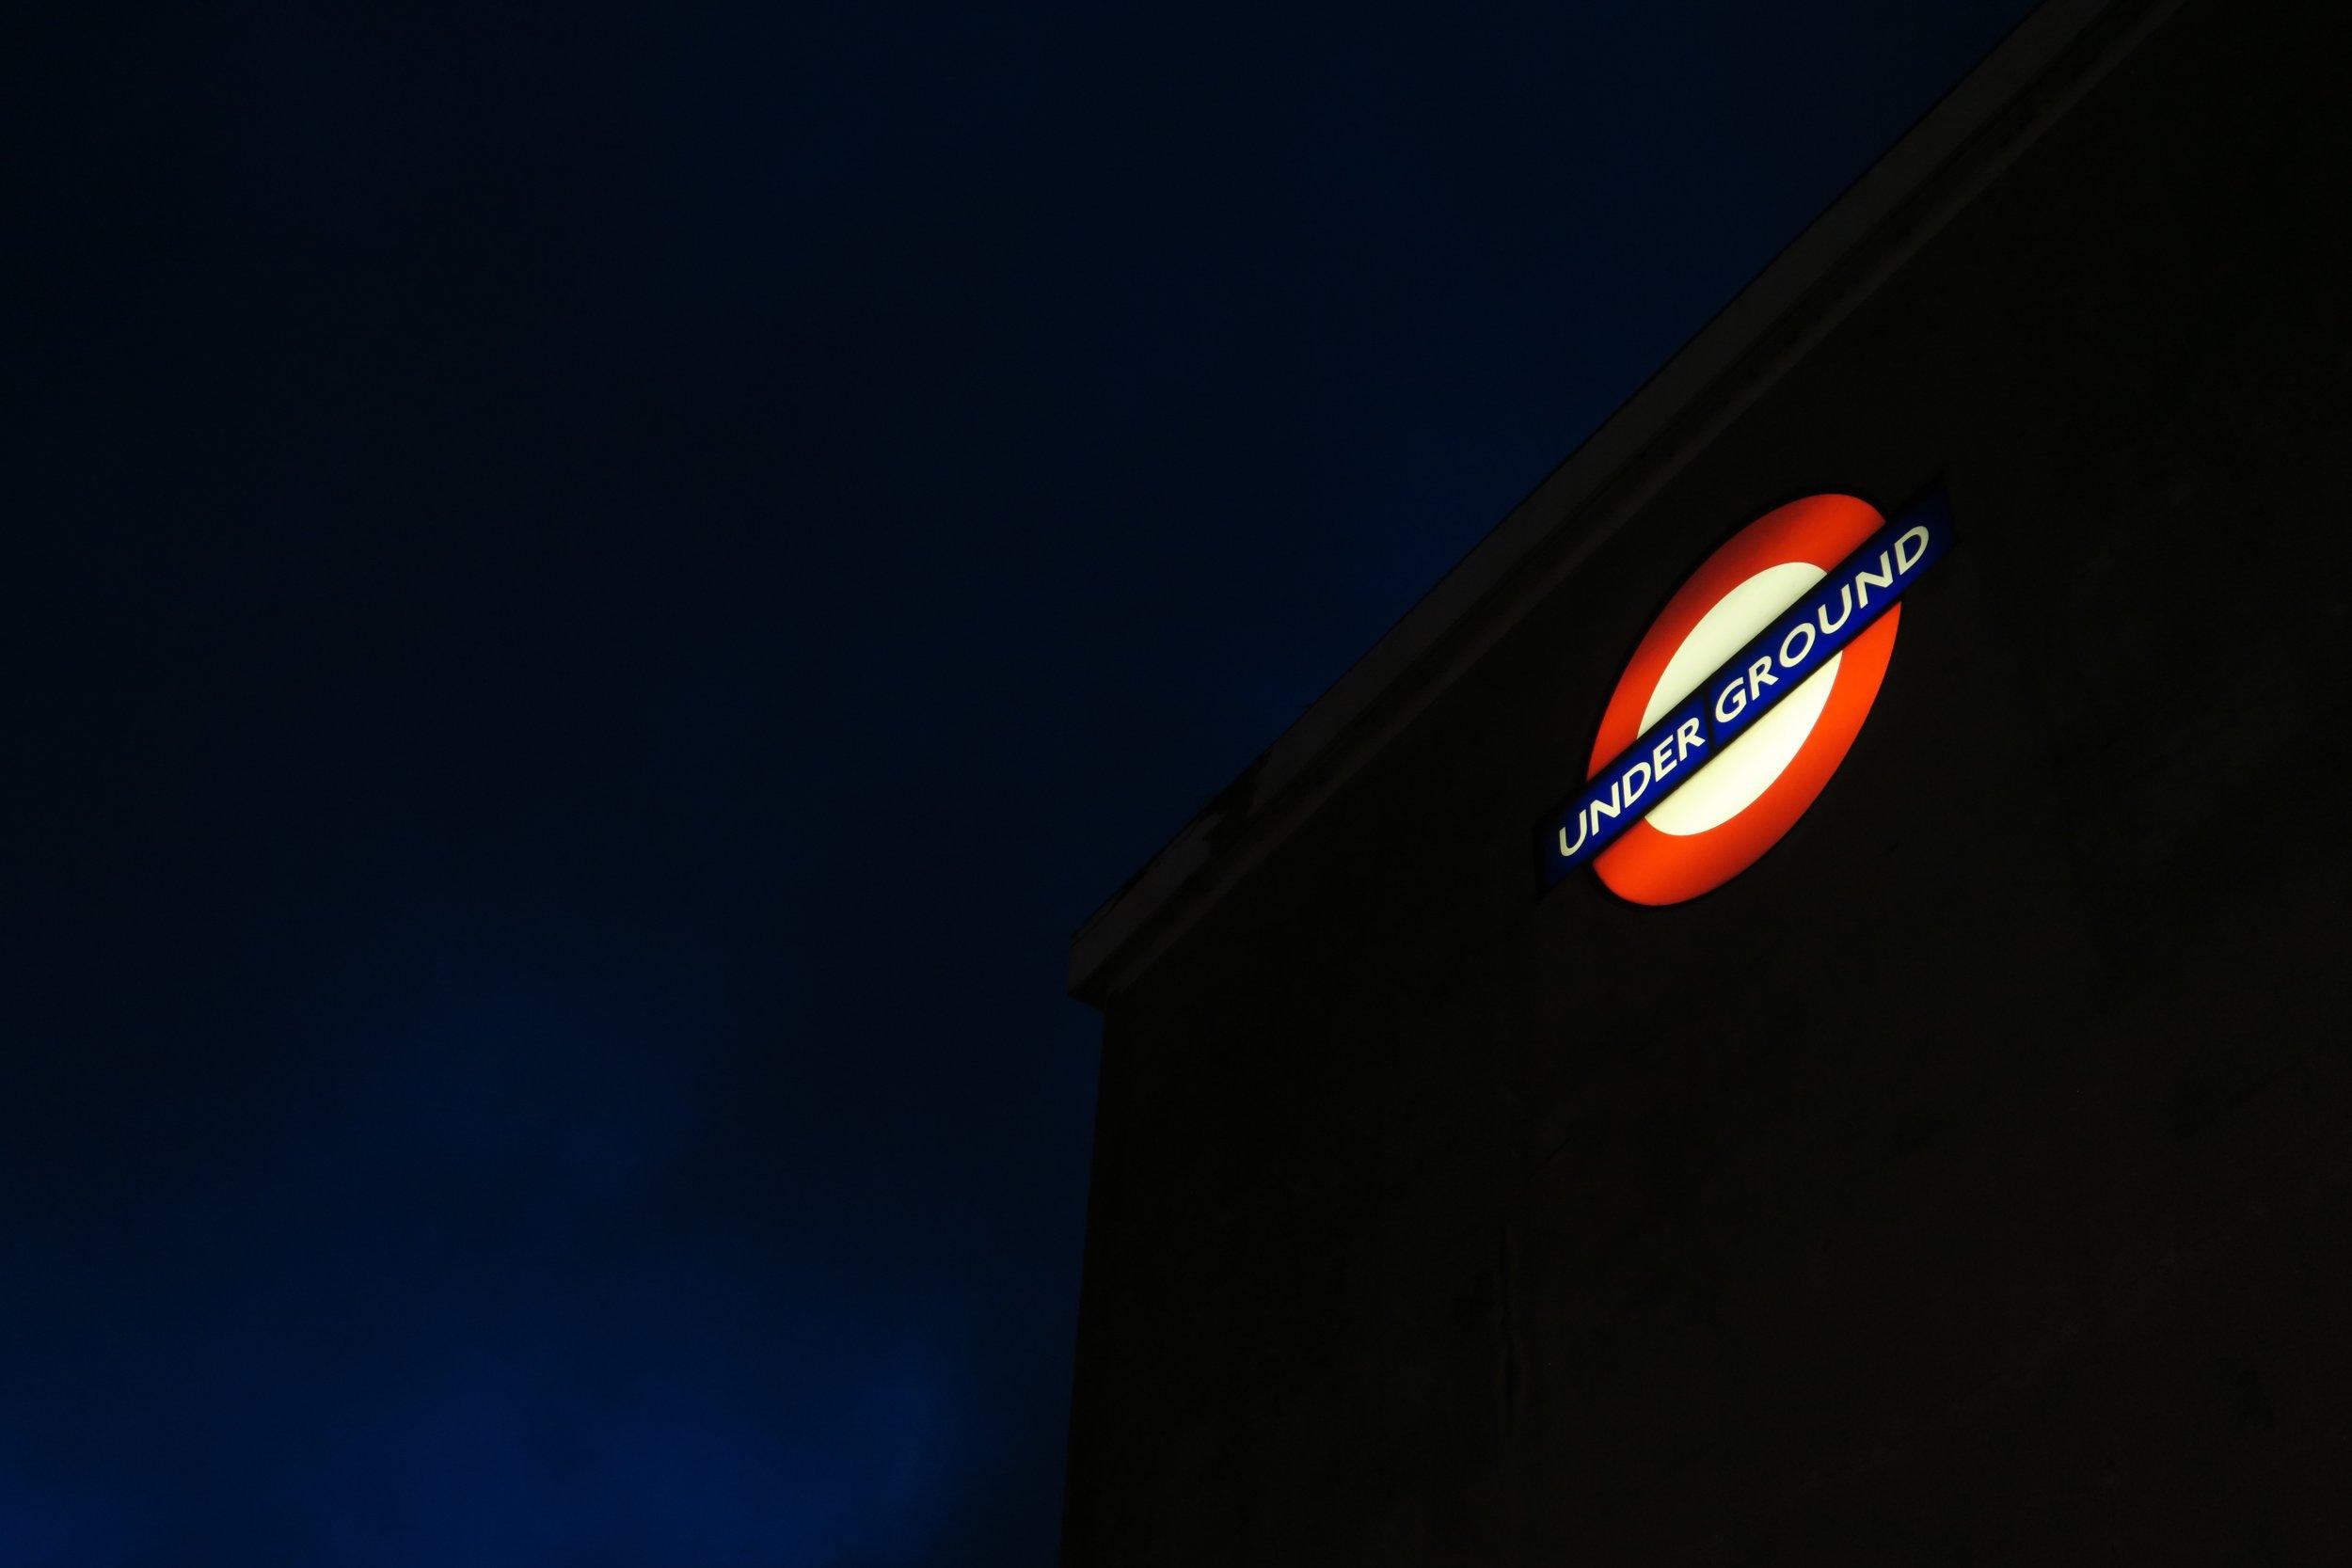 03/03/2016_London Underground